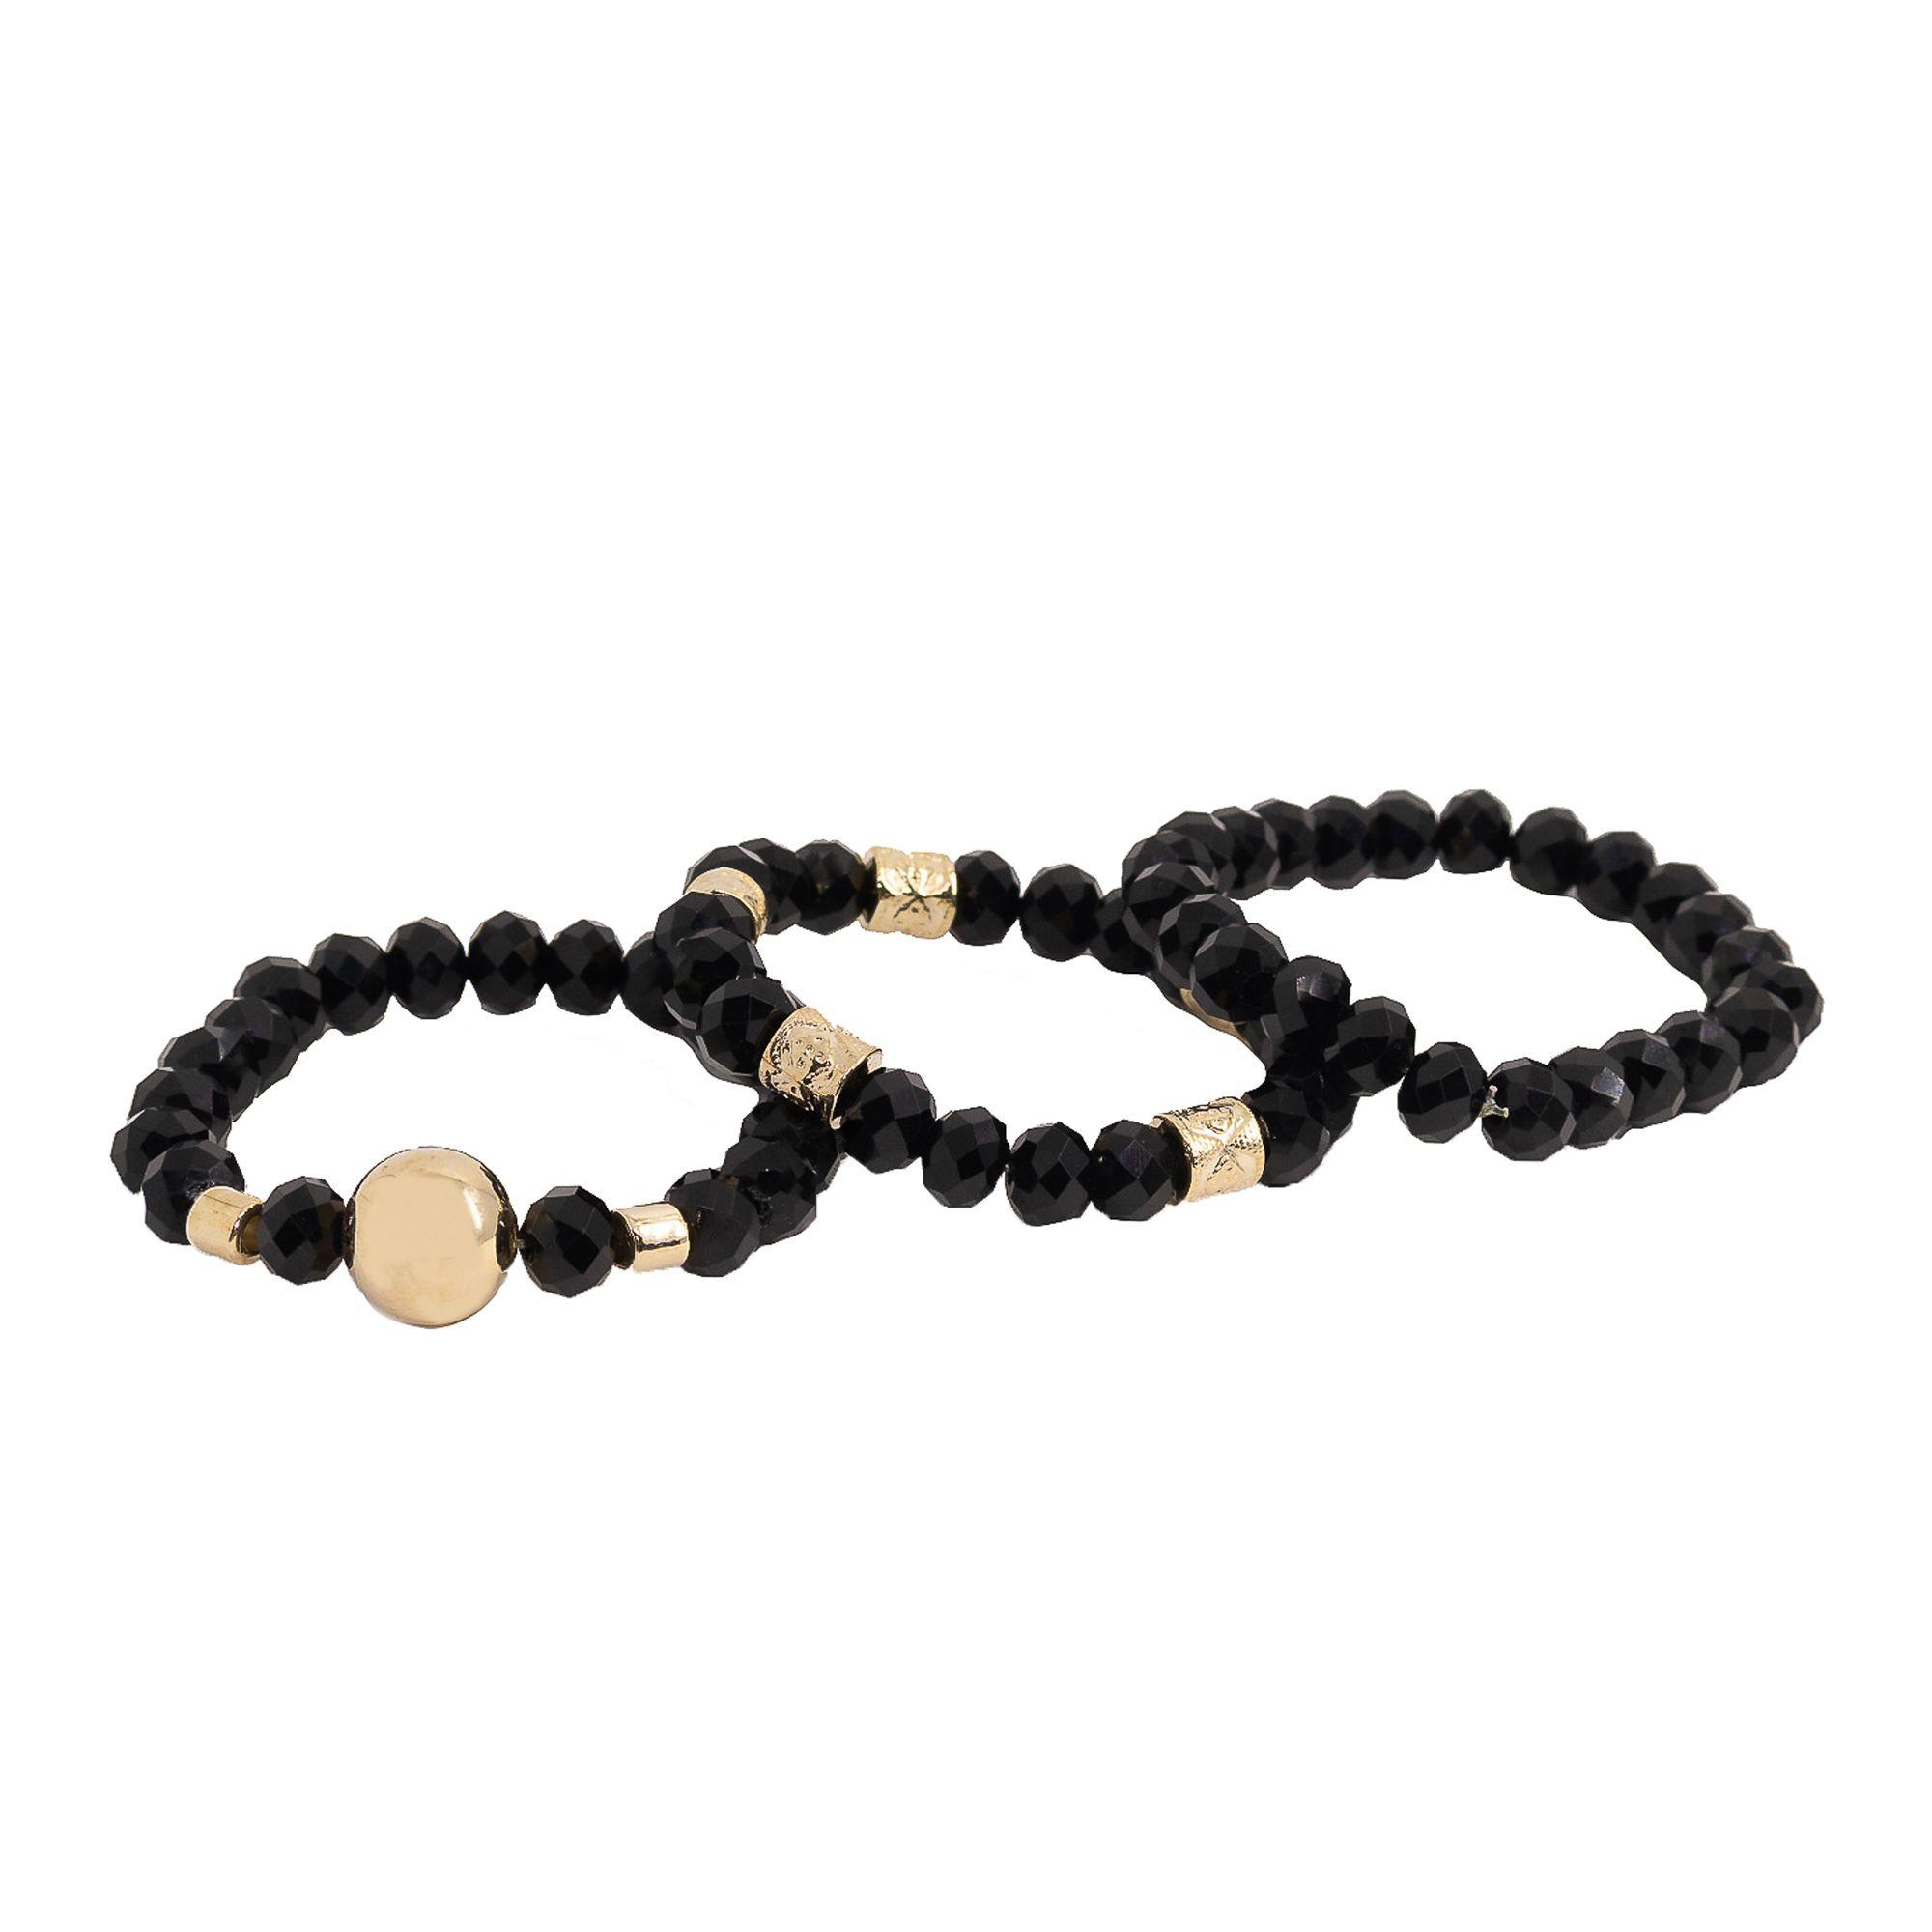 Trio de pulseiras semi joias com cristais banhadas a ouro 18k ou rhodium